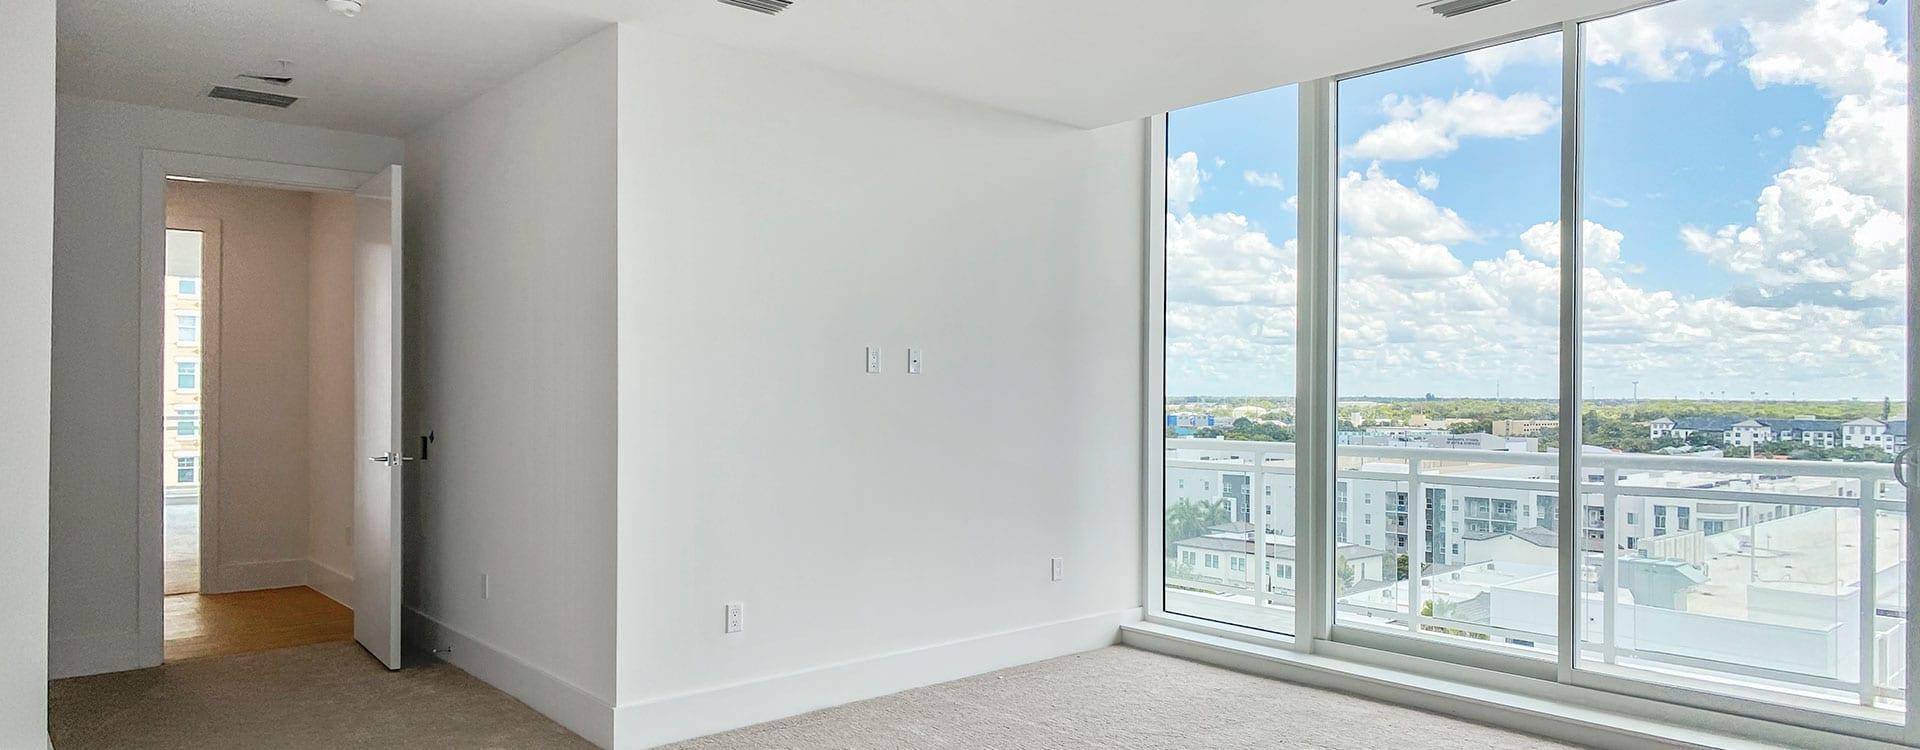 BLVD Sarasota Residence 901 Bedroom